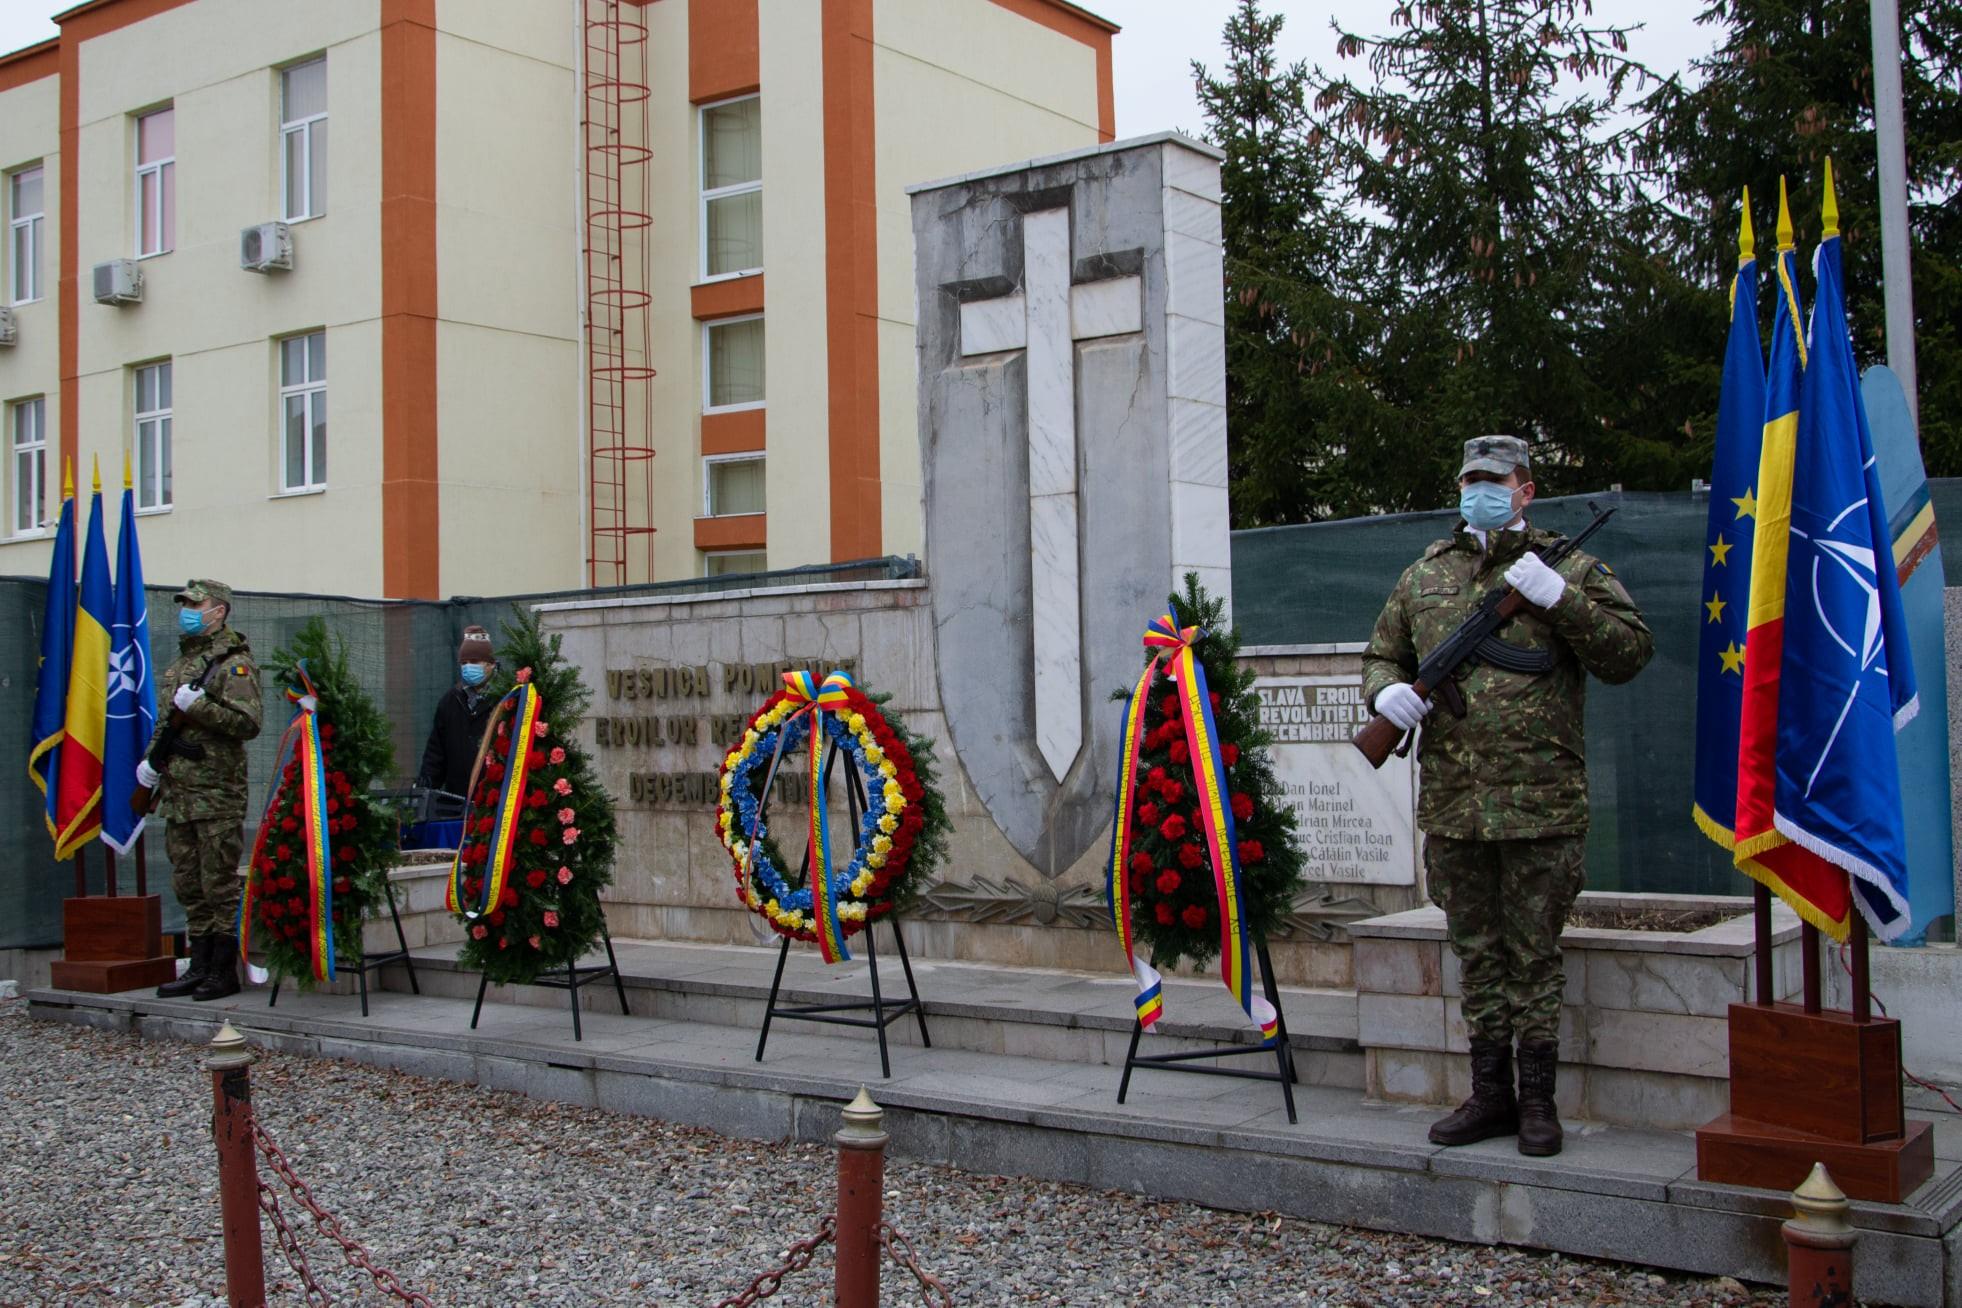 Ziua victoriei Revoluției Române și a Libertății, marcată la Sibiu